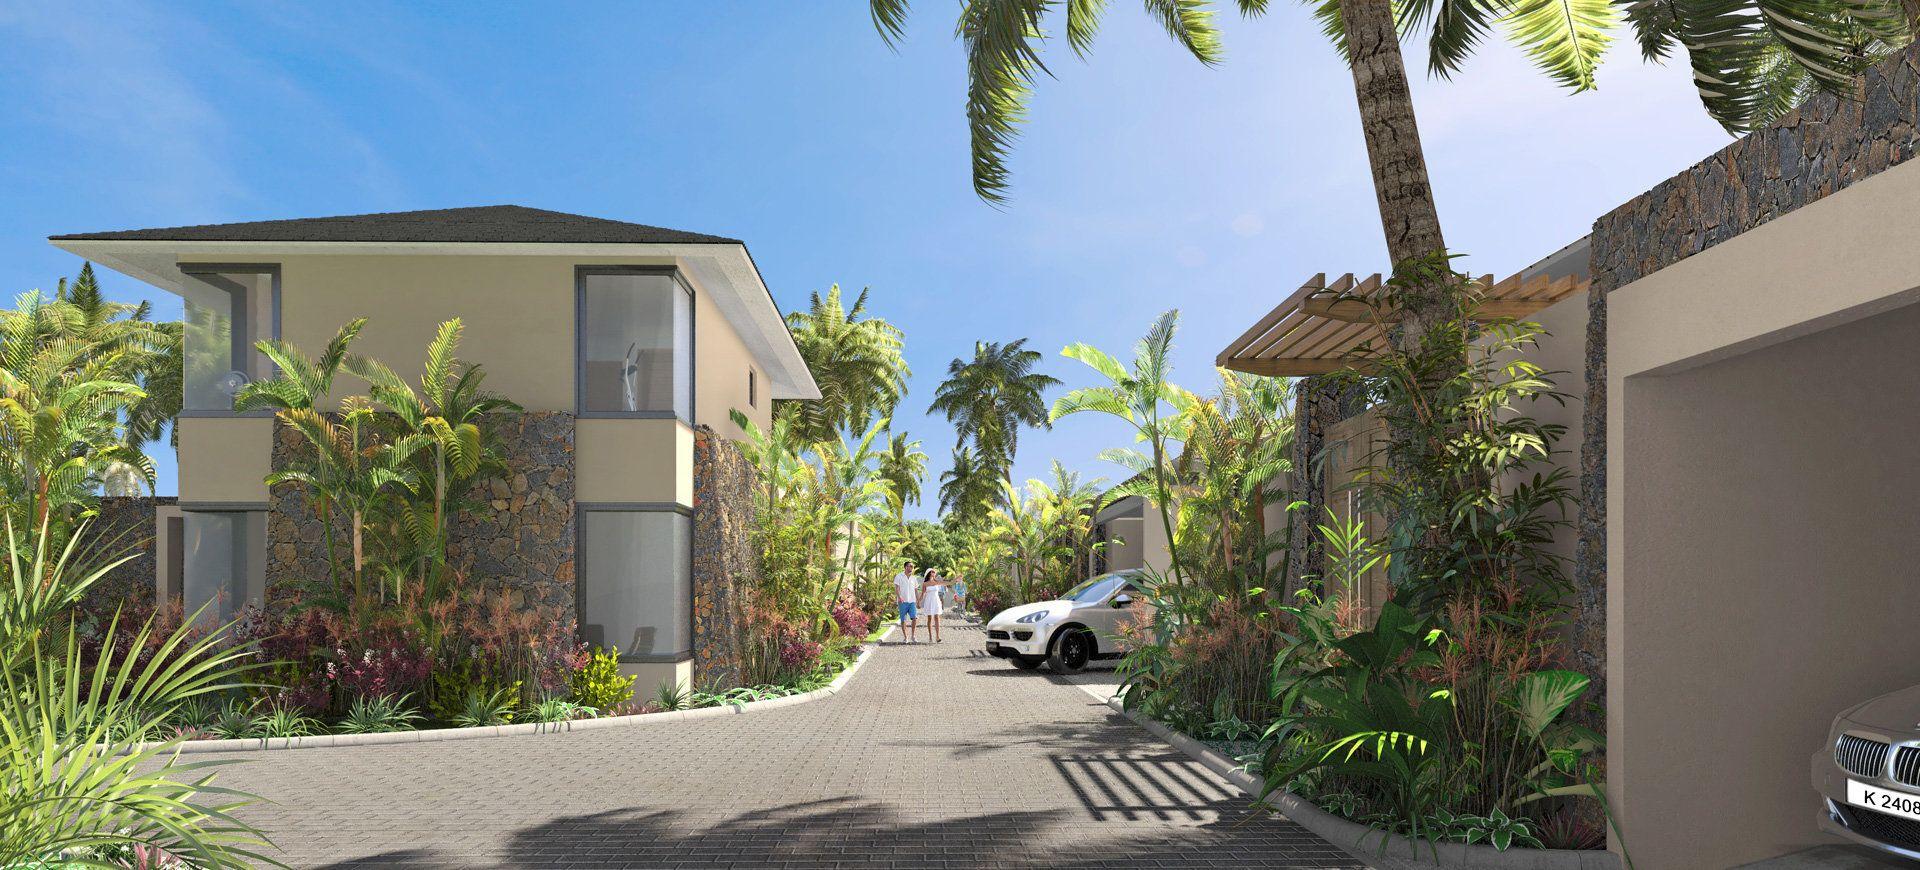 Maison à vendre 5 251.39m2 à Ile Maurice vignette-2